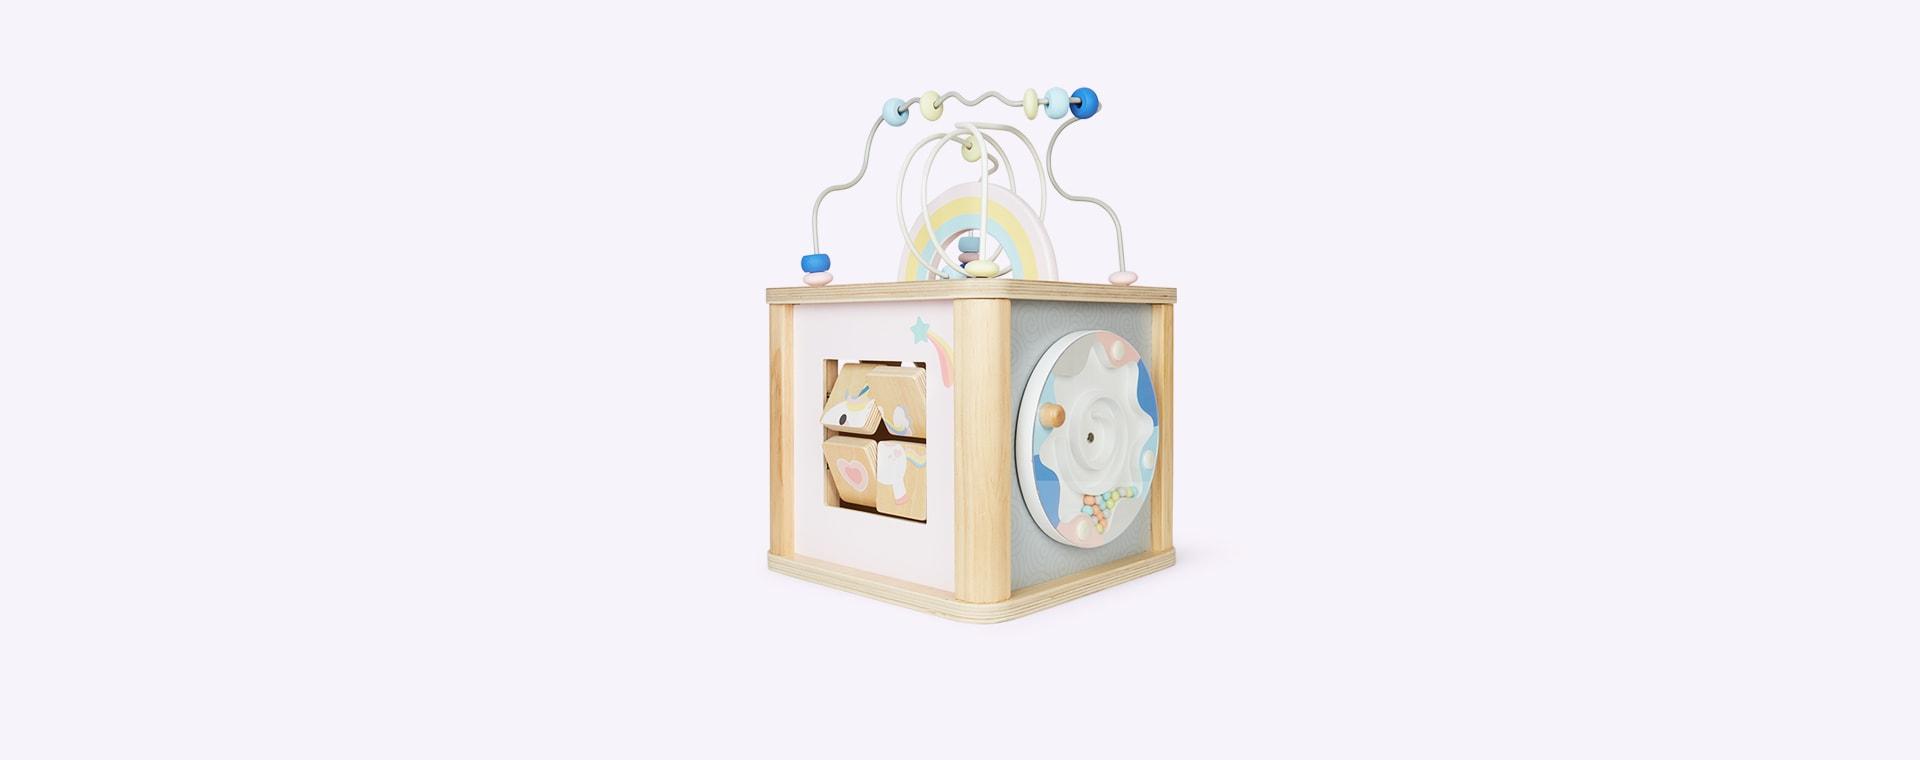 Multi Classic World Dream Activity Cube